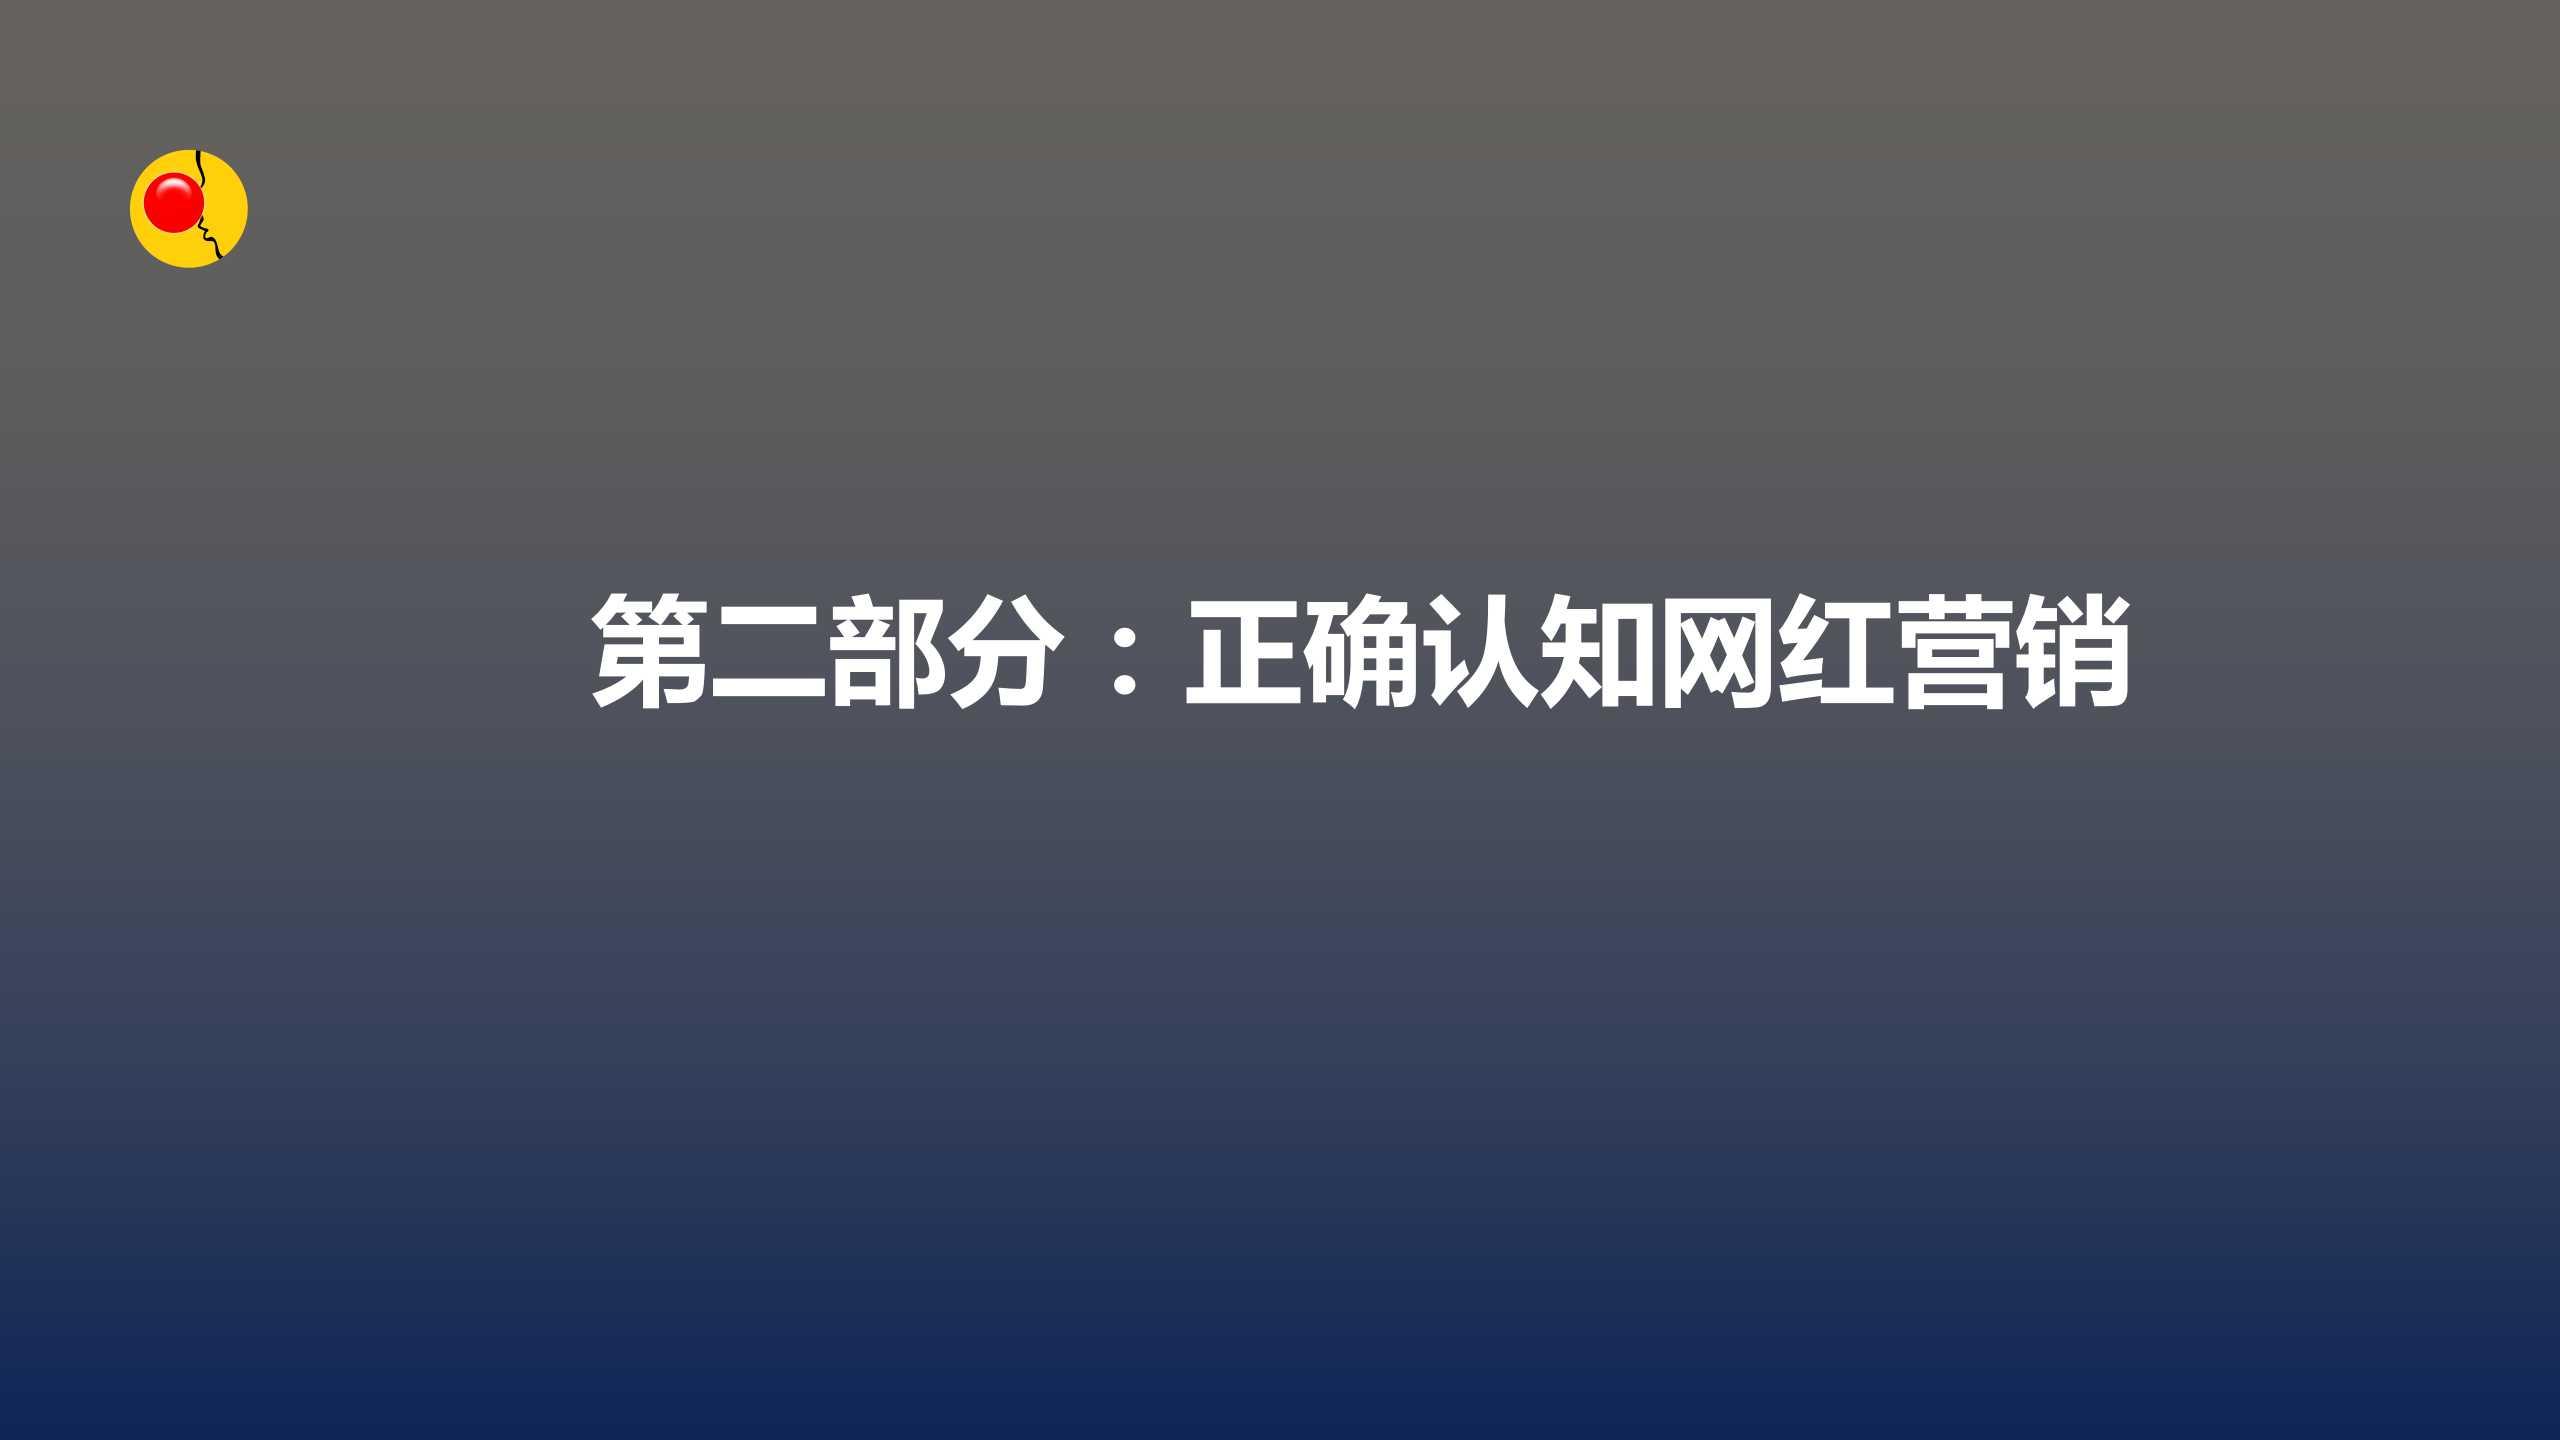 ppt干货:网红直播营销方法论